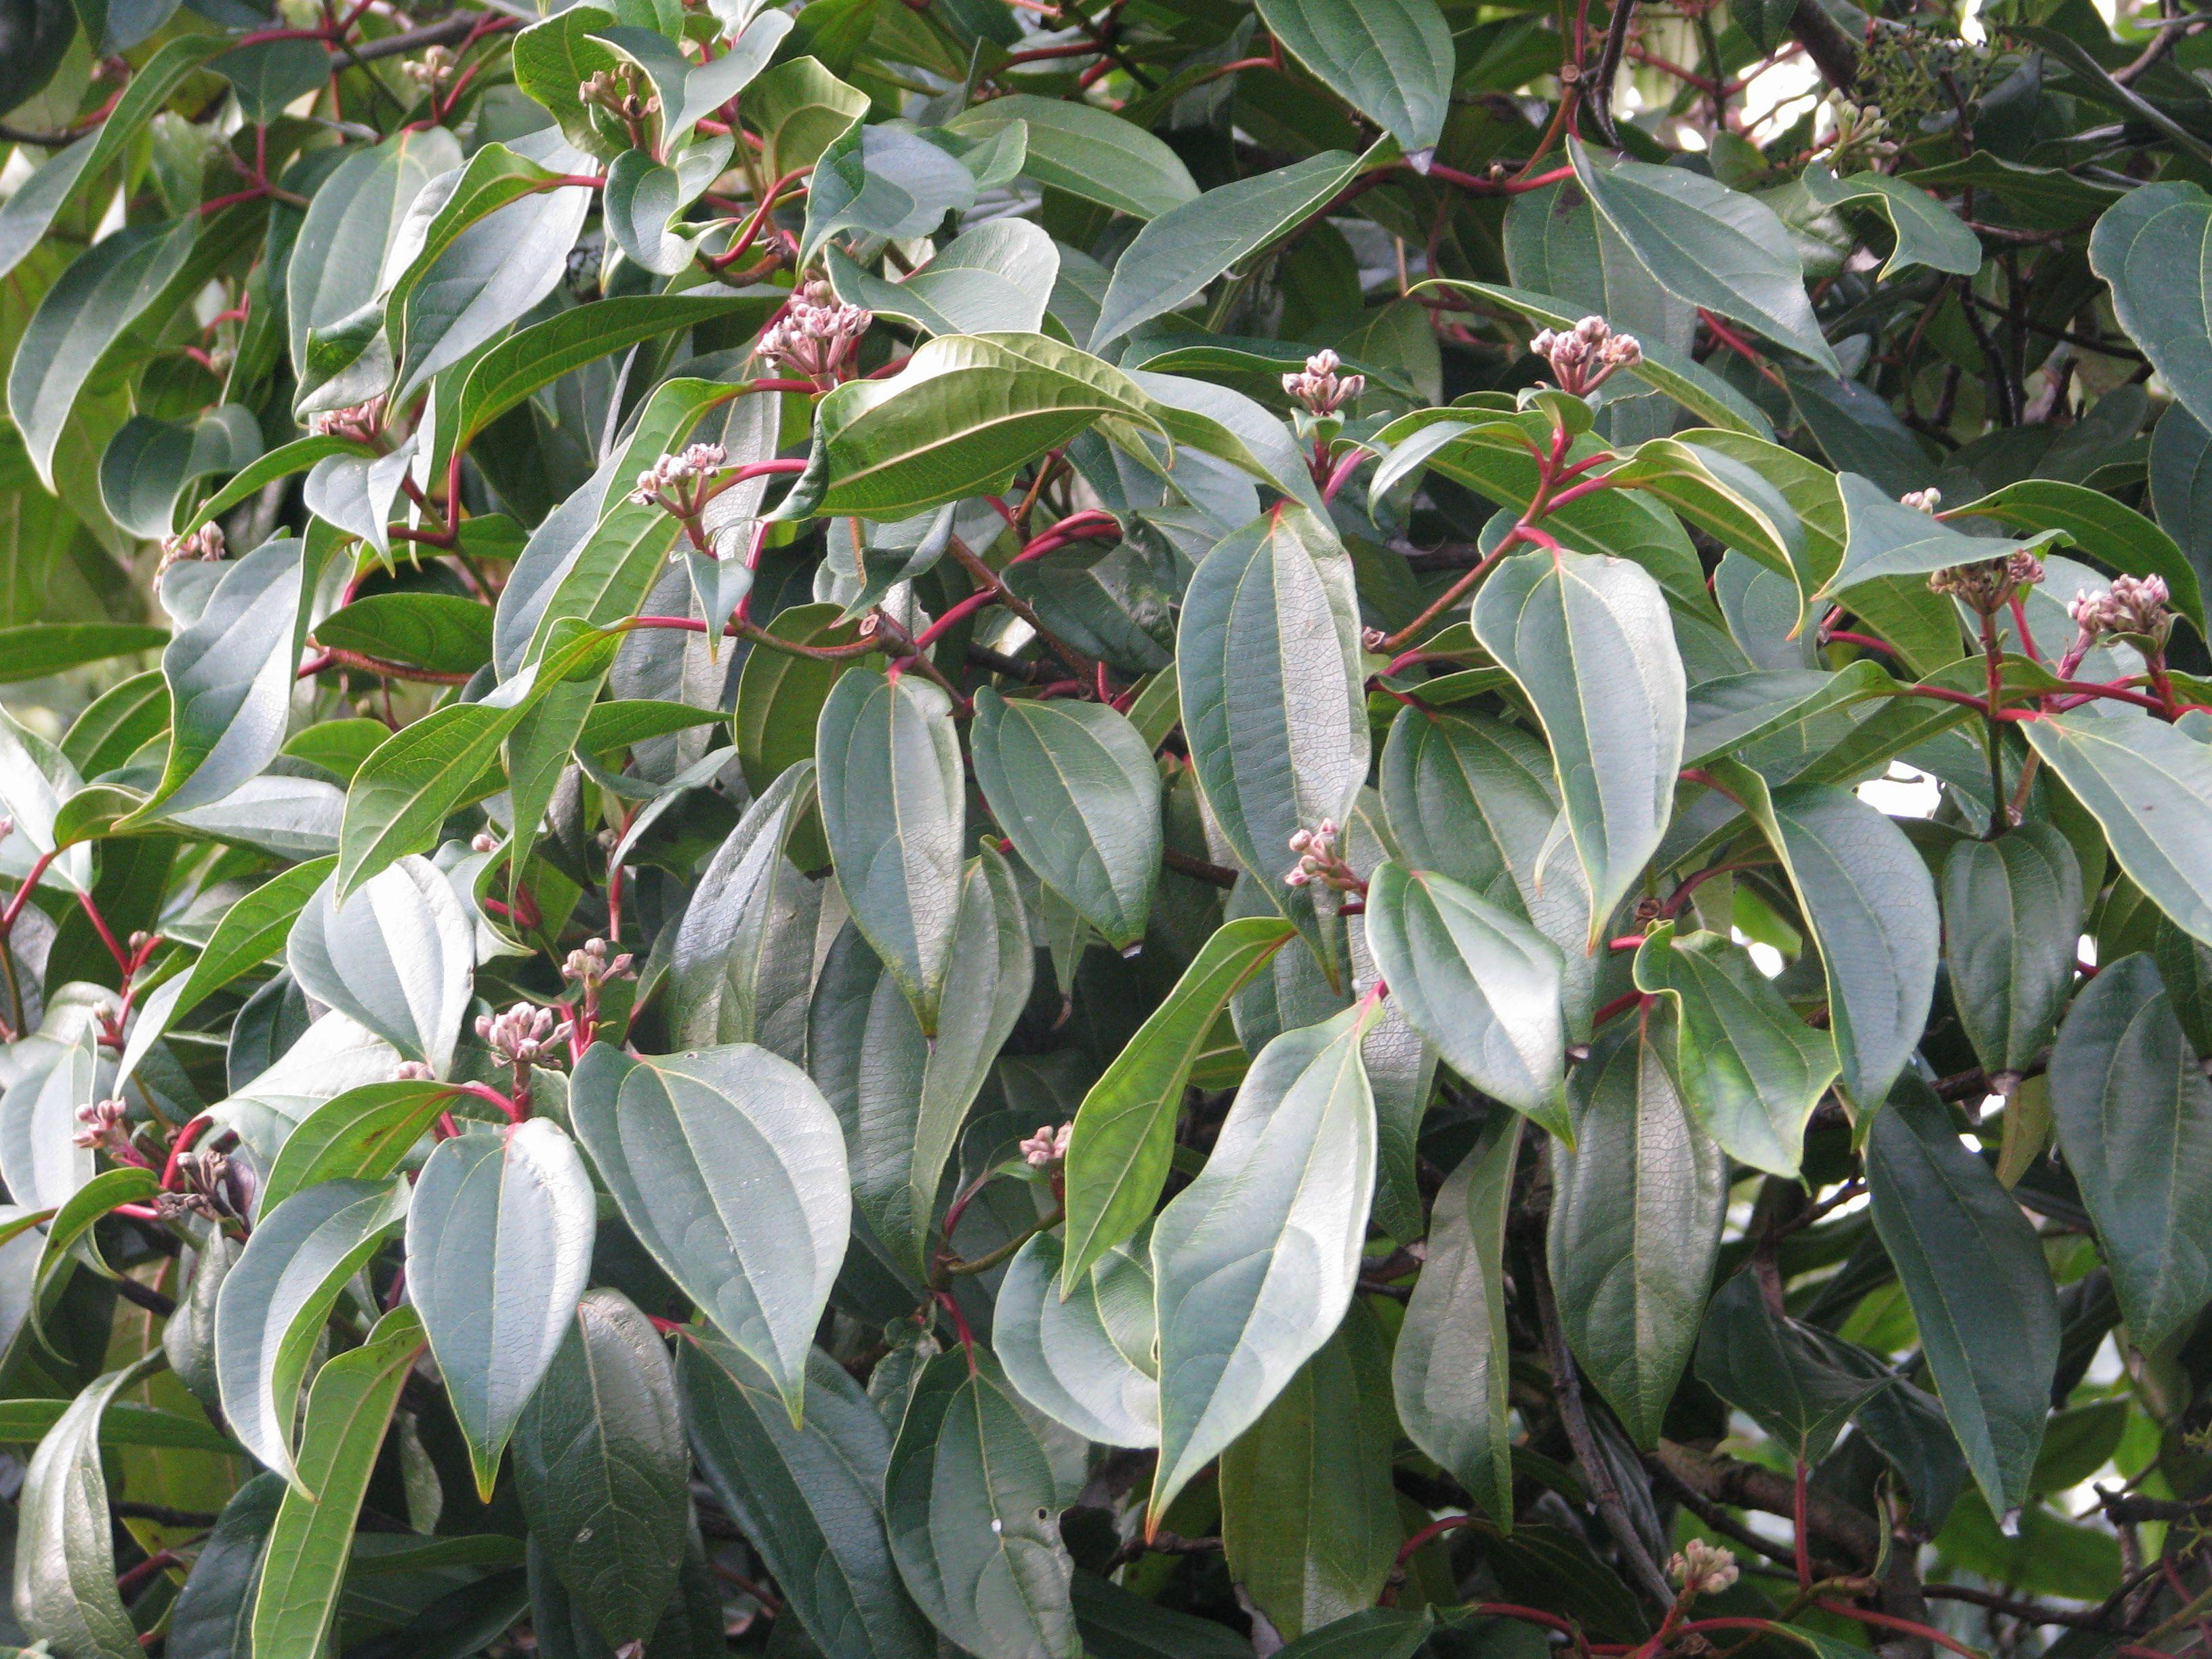 Cinnamon-leaved viburnum